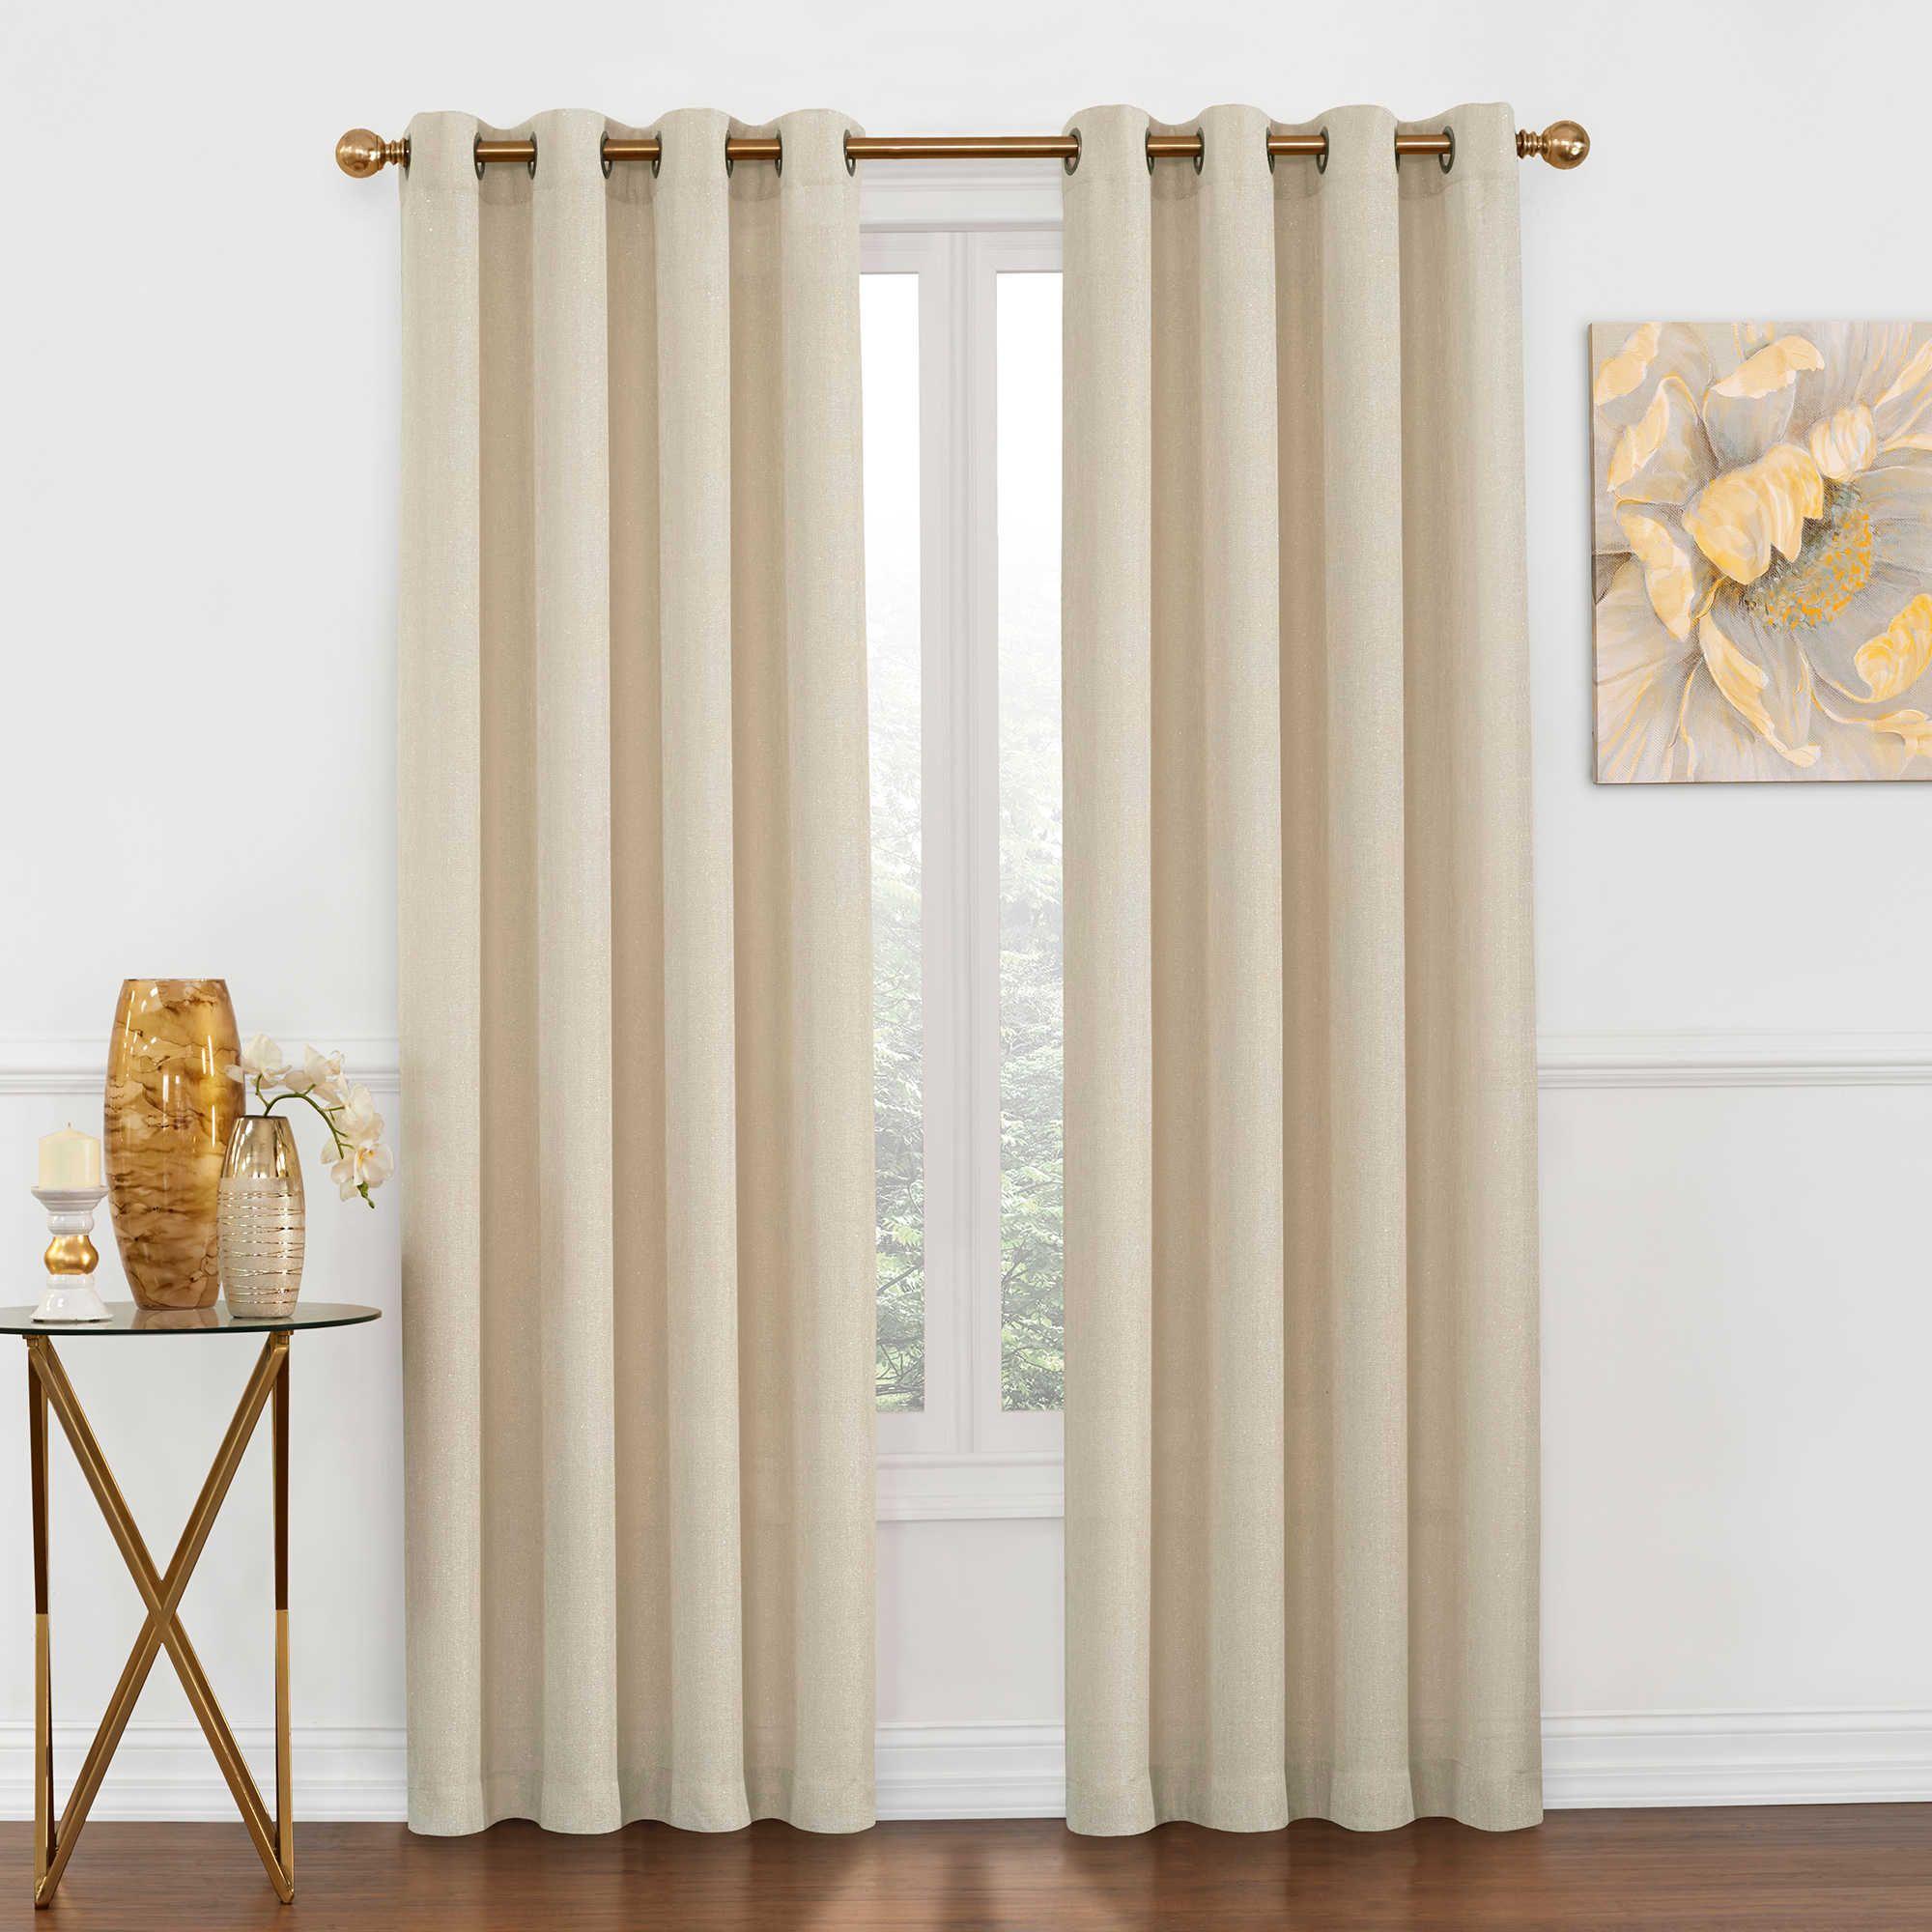 Luna Metallic Grommet Top Window Curtain Panel